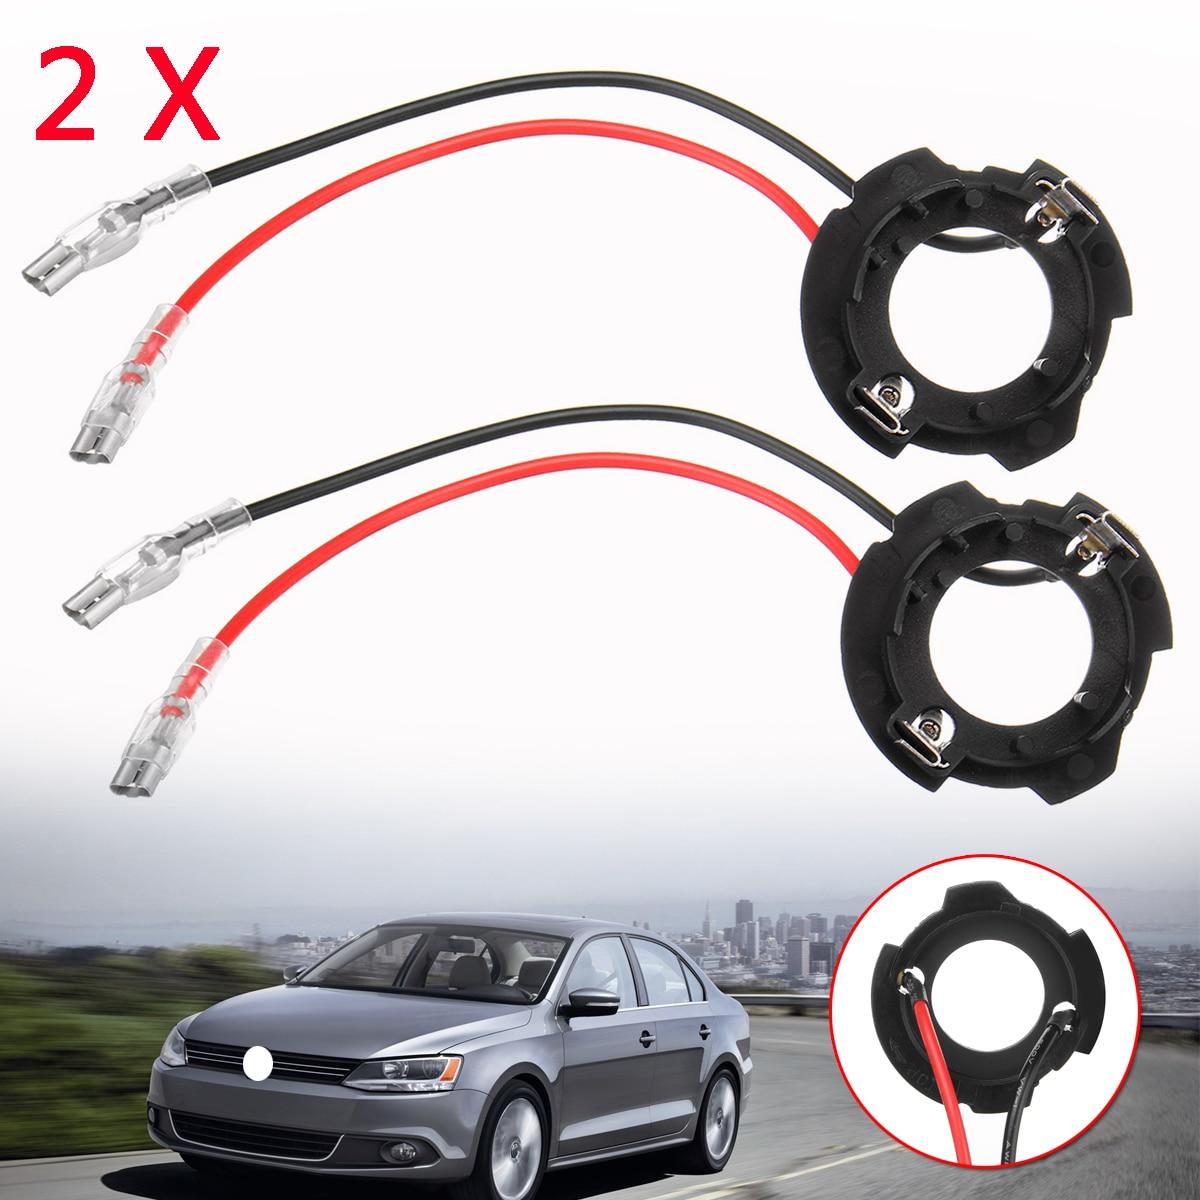 2x H7 LED Headlight Bulb Base Holder Retainer Headlamp Socket Adapter for Volkswagen for VW Golf 5 MK5 GTI Jetta|Base| |  - title=